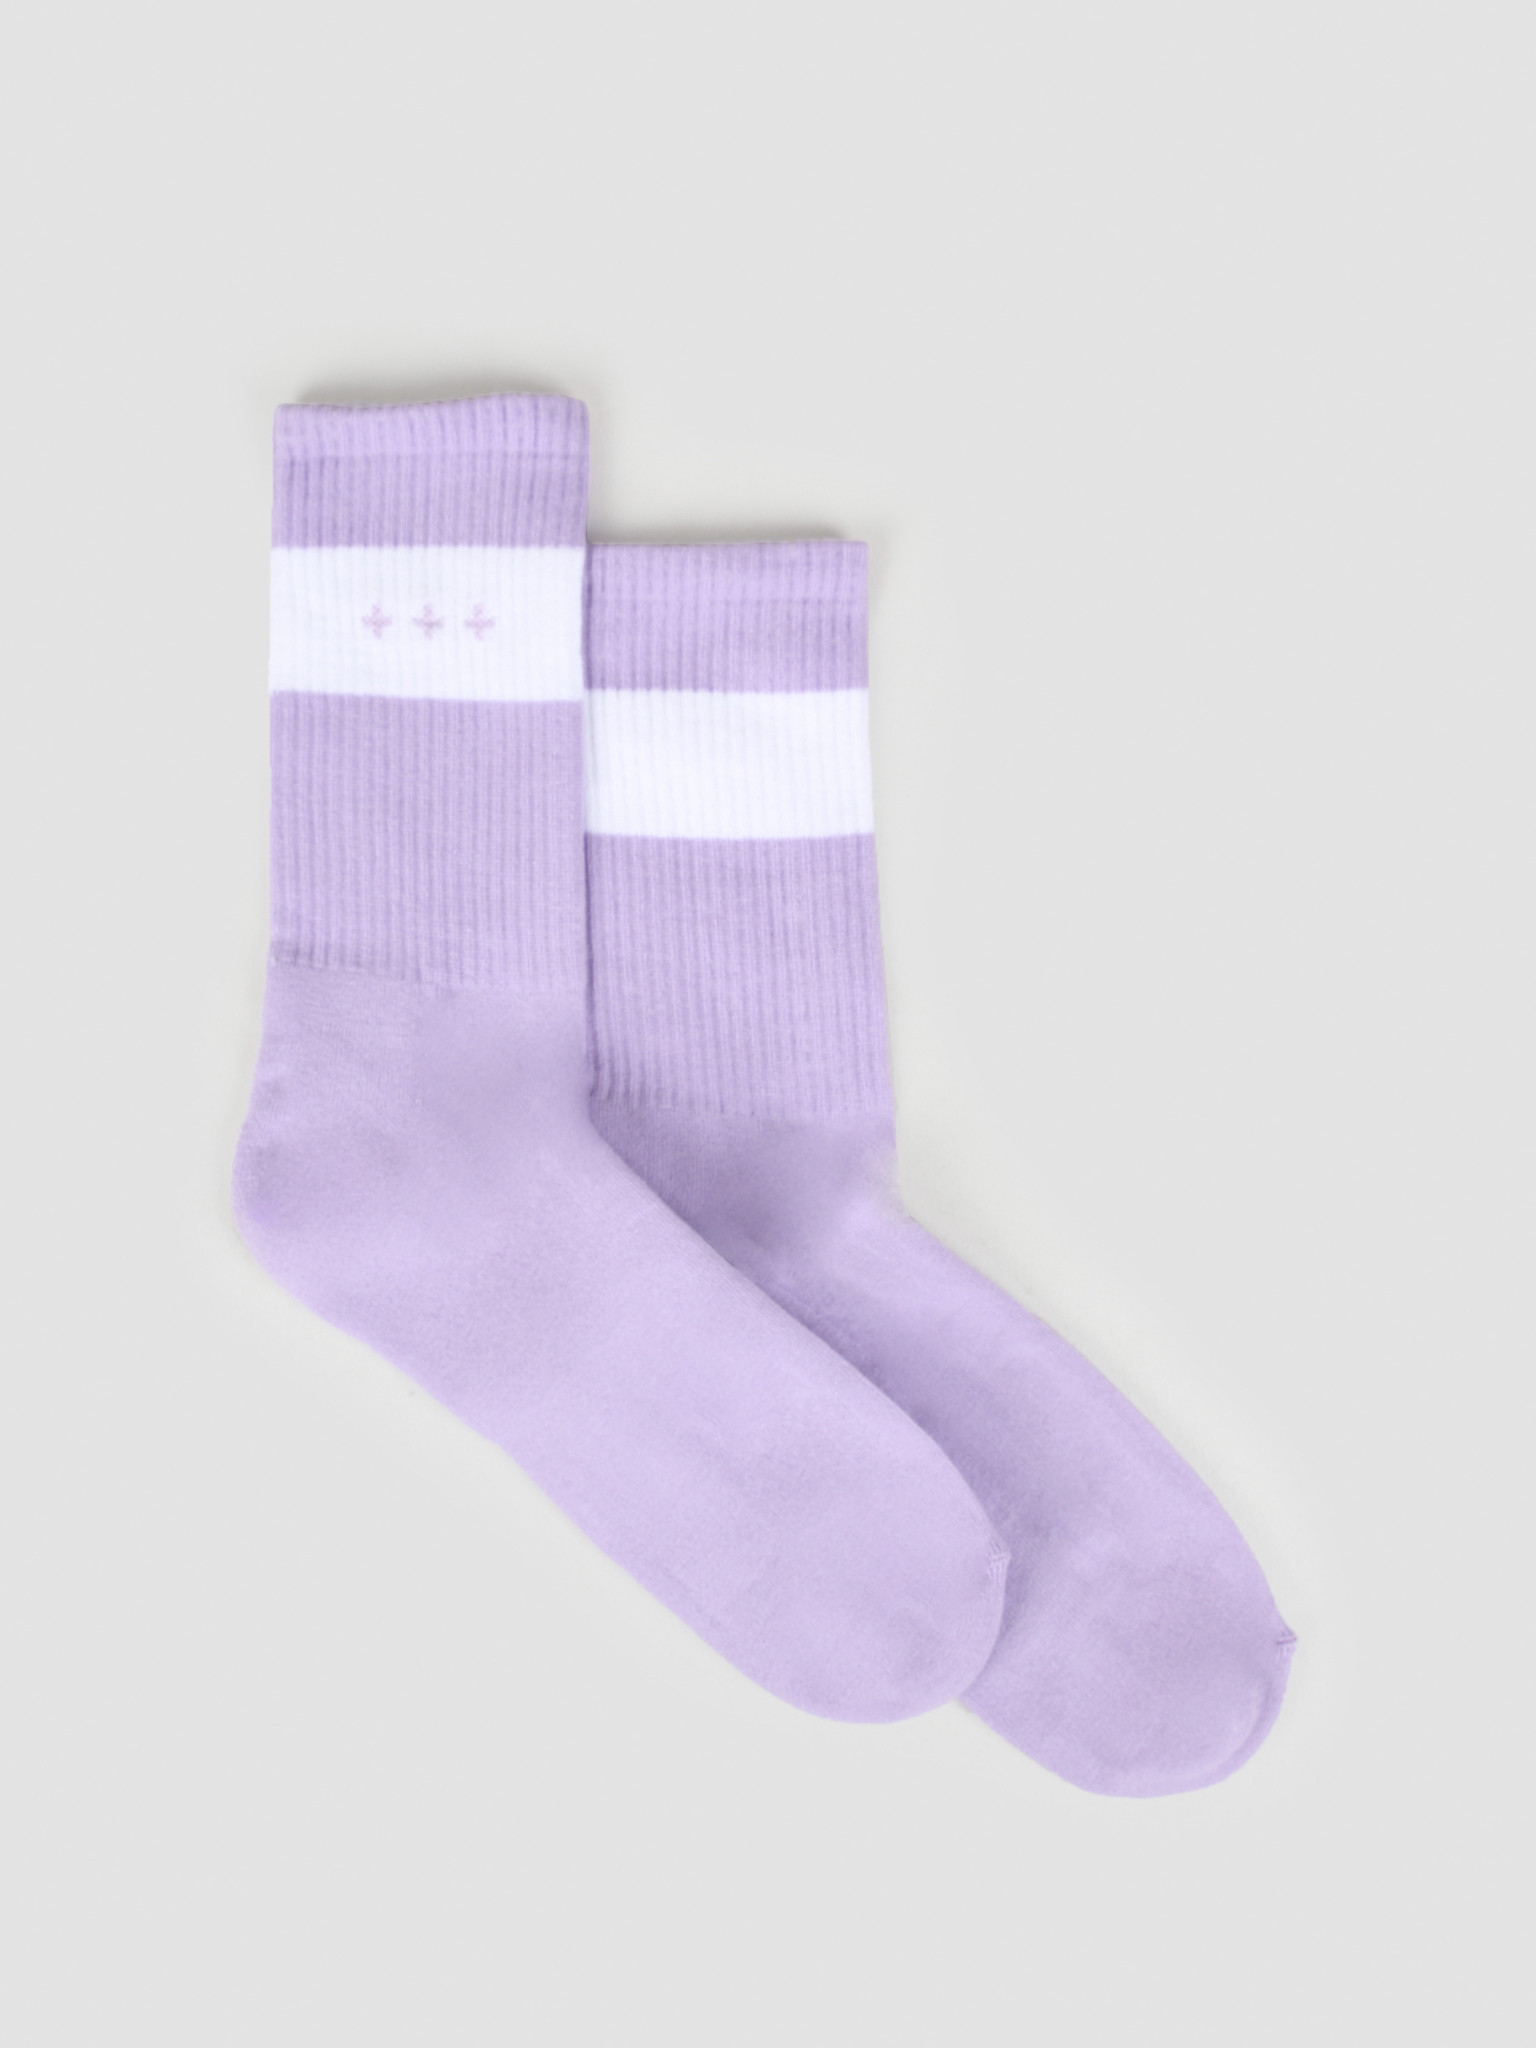 Quality Blanks Quality Blanks QB13 Socks Lilac